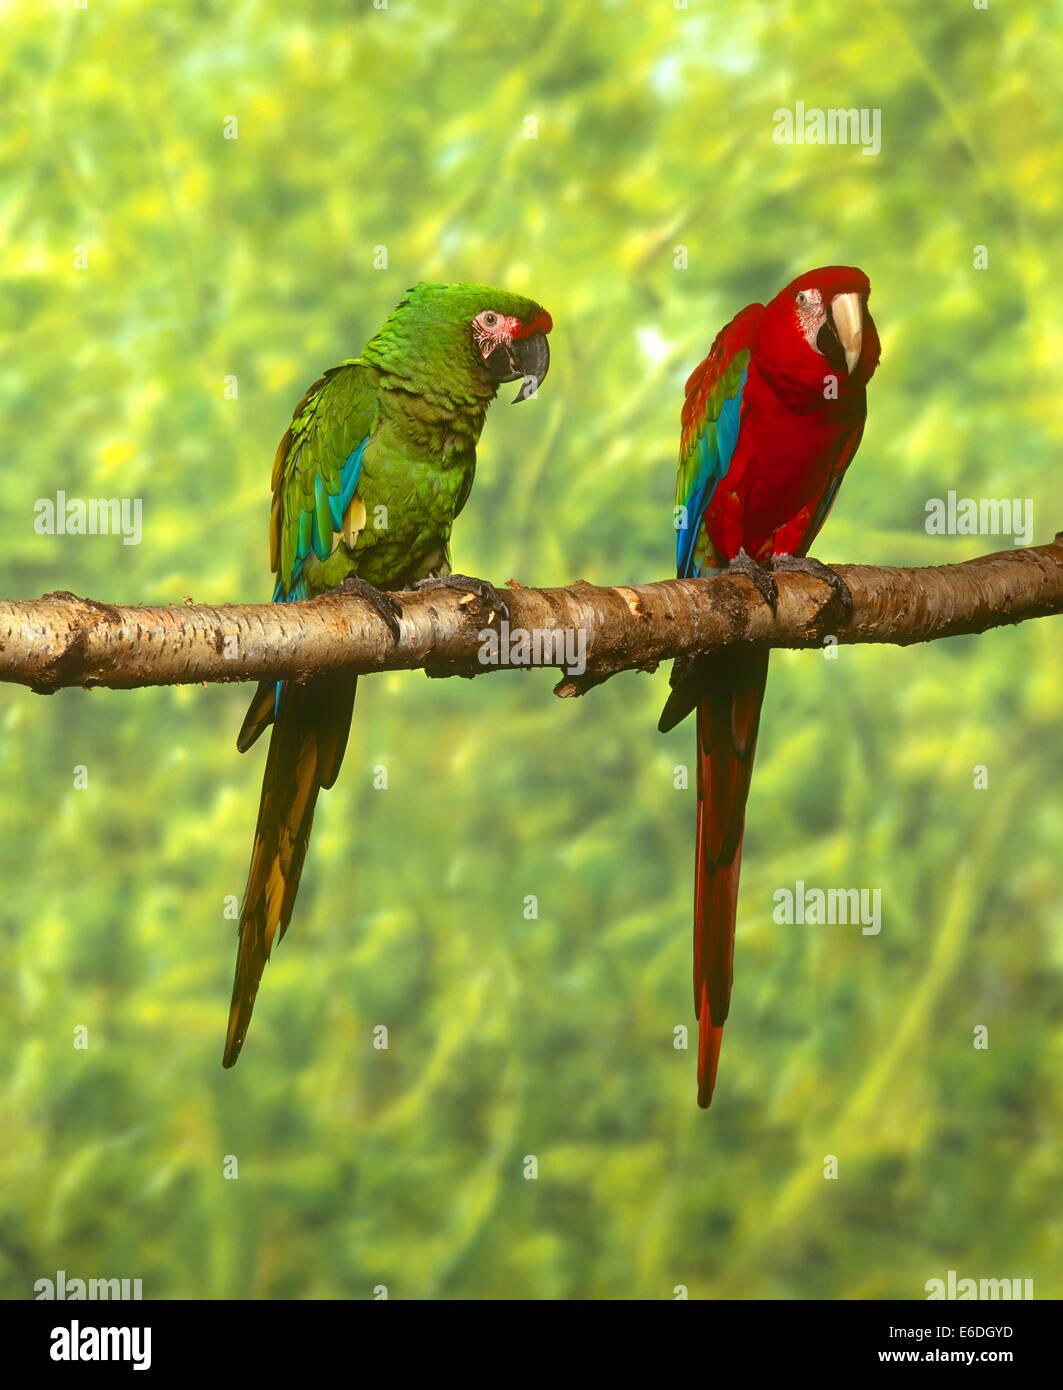 Deux aras assis sur une branche Photo Stock